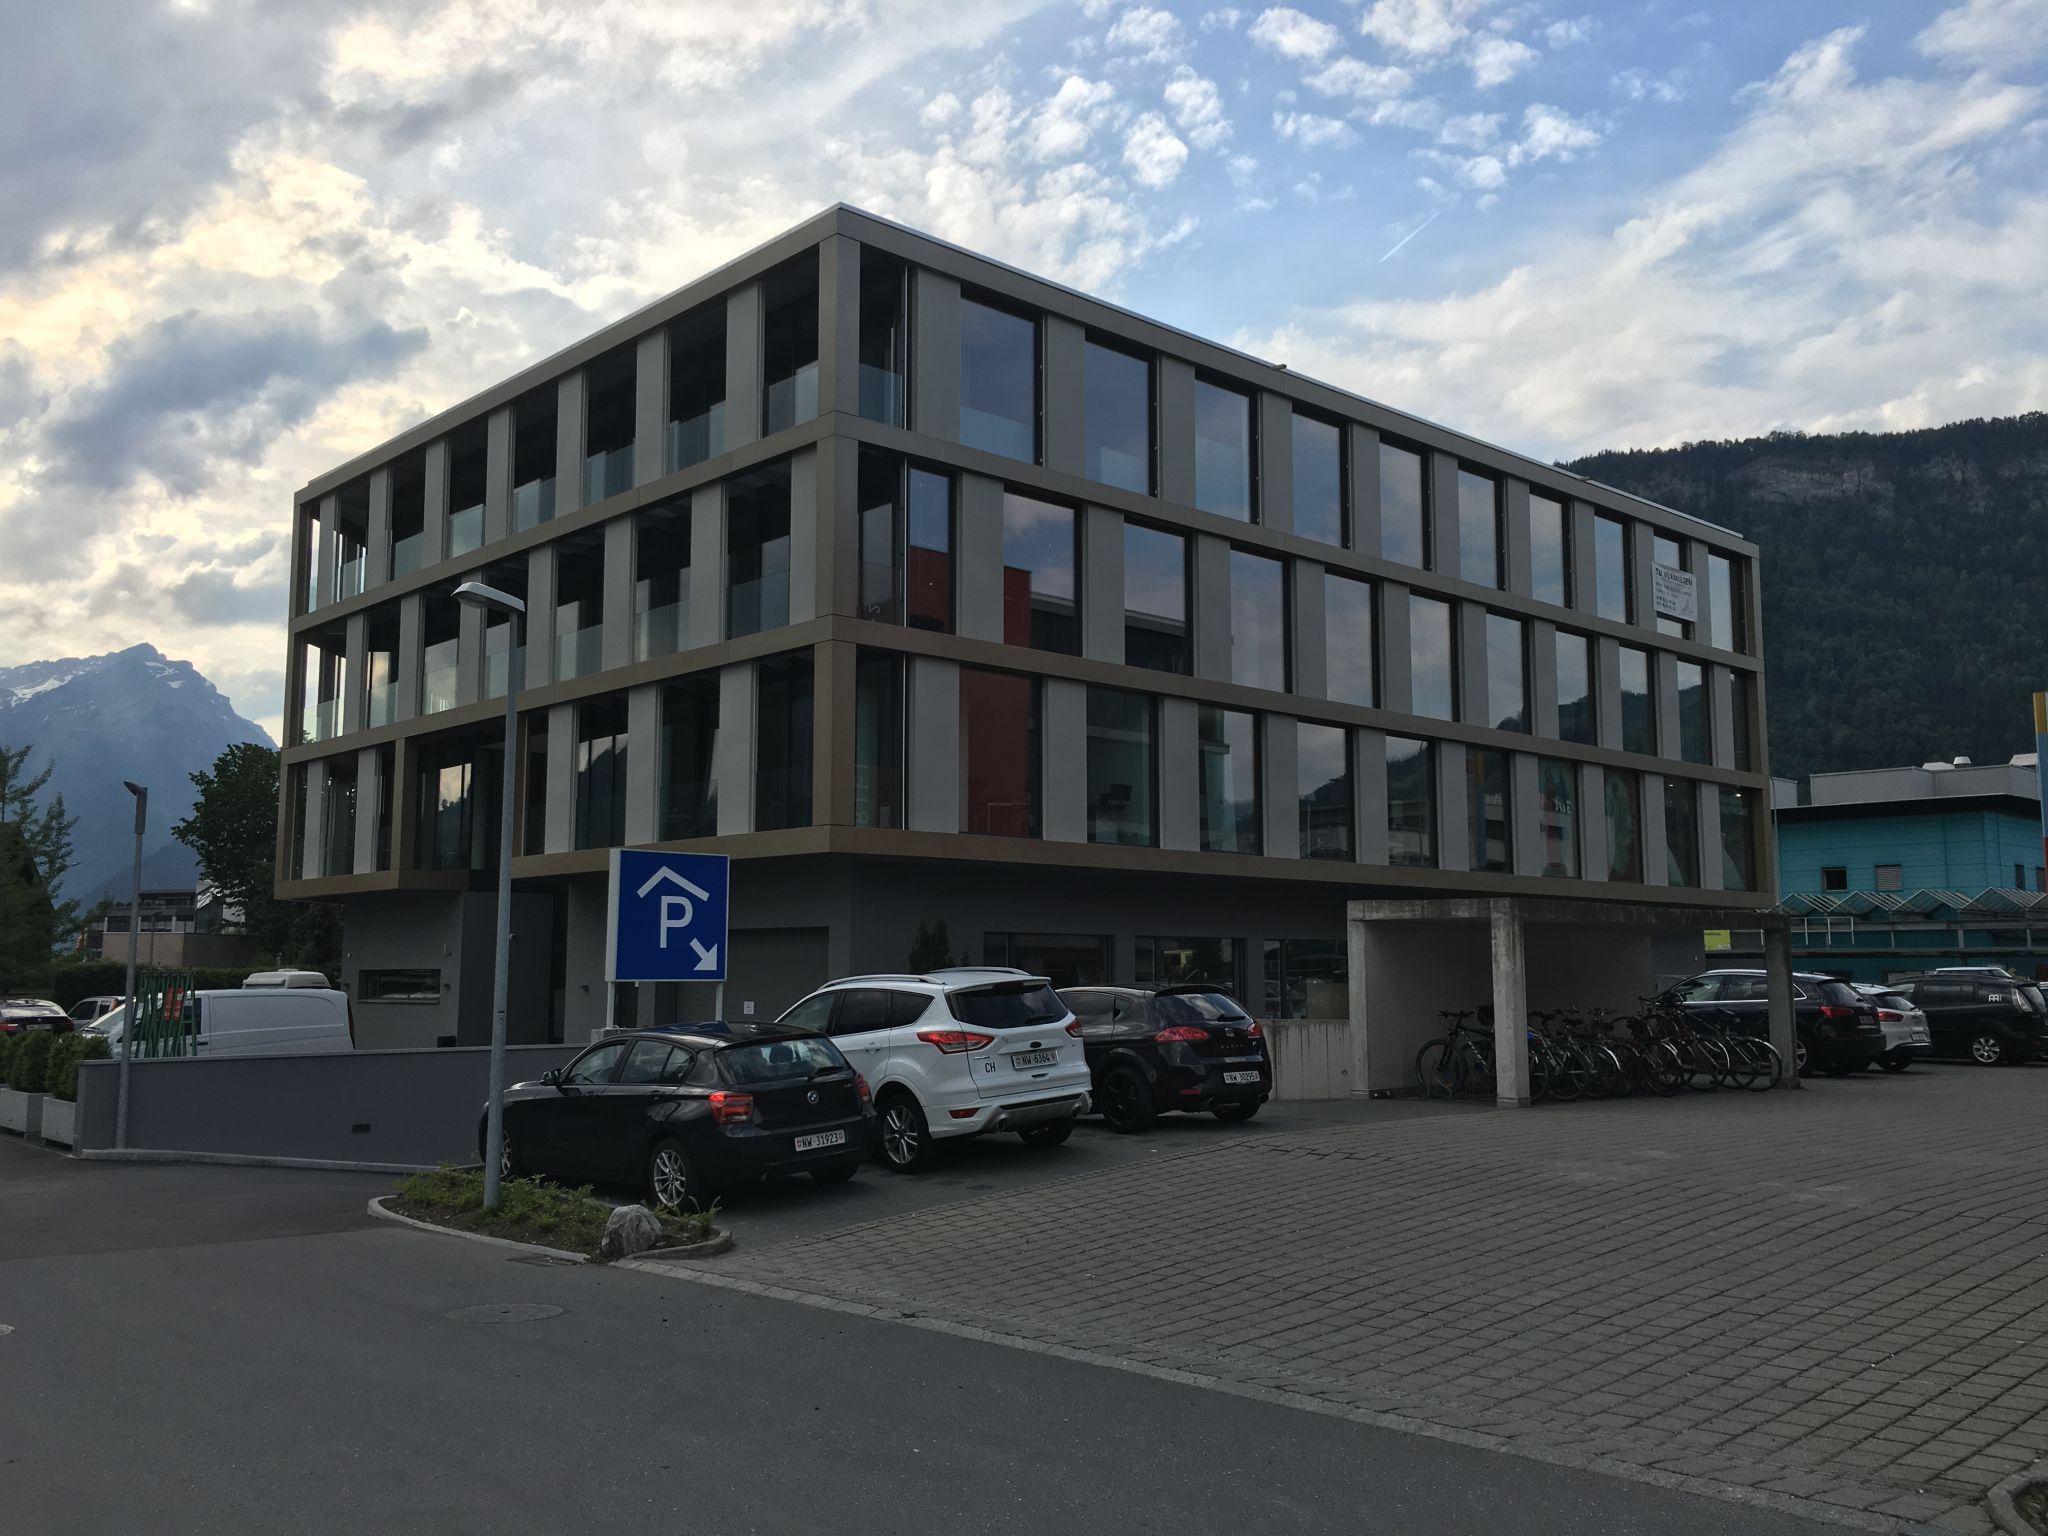 Ausstellungsgebäude Schnyderpark